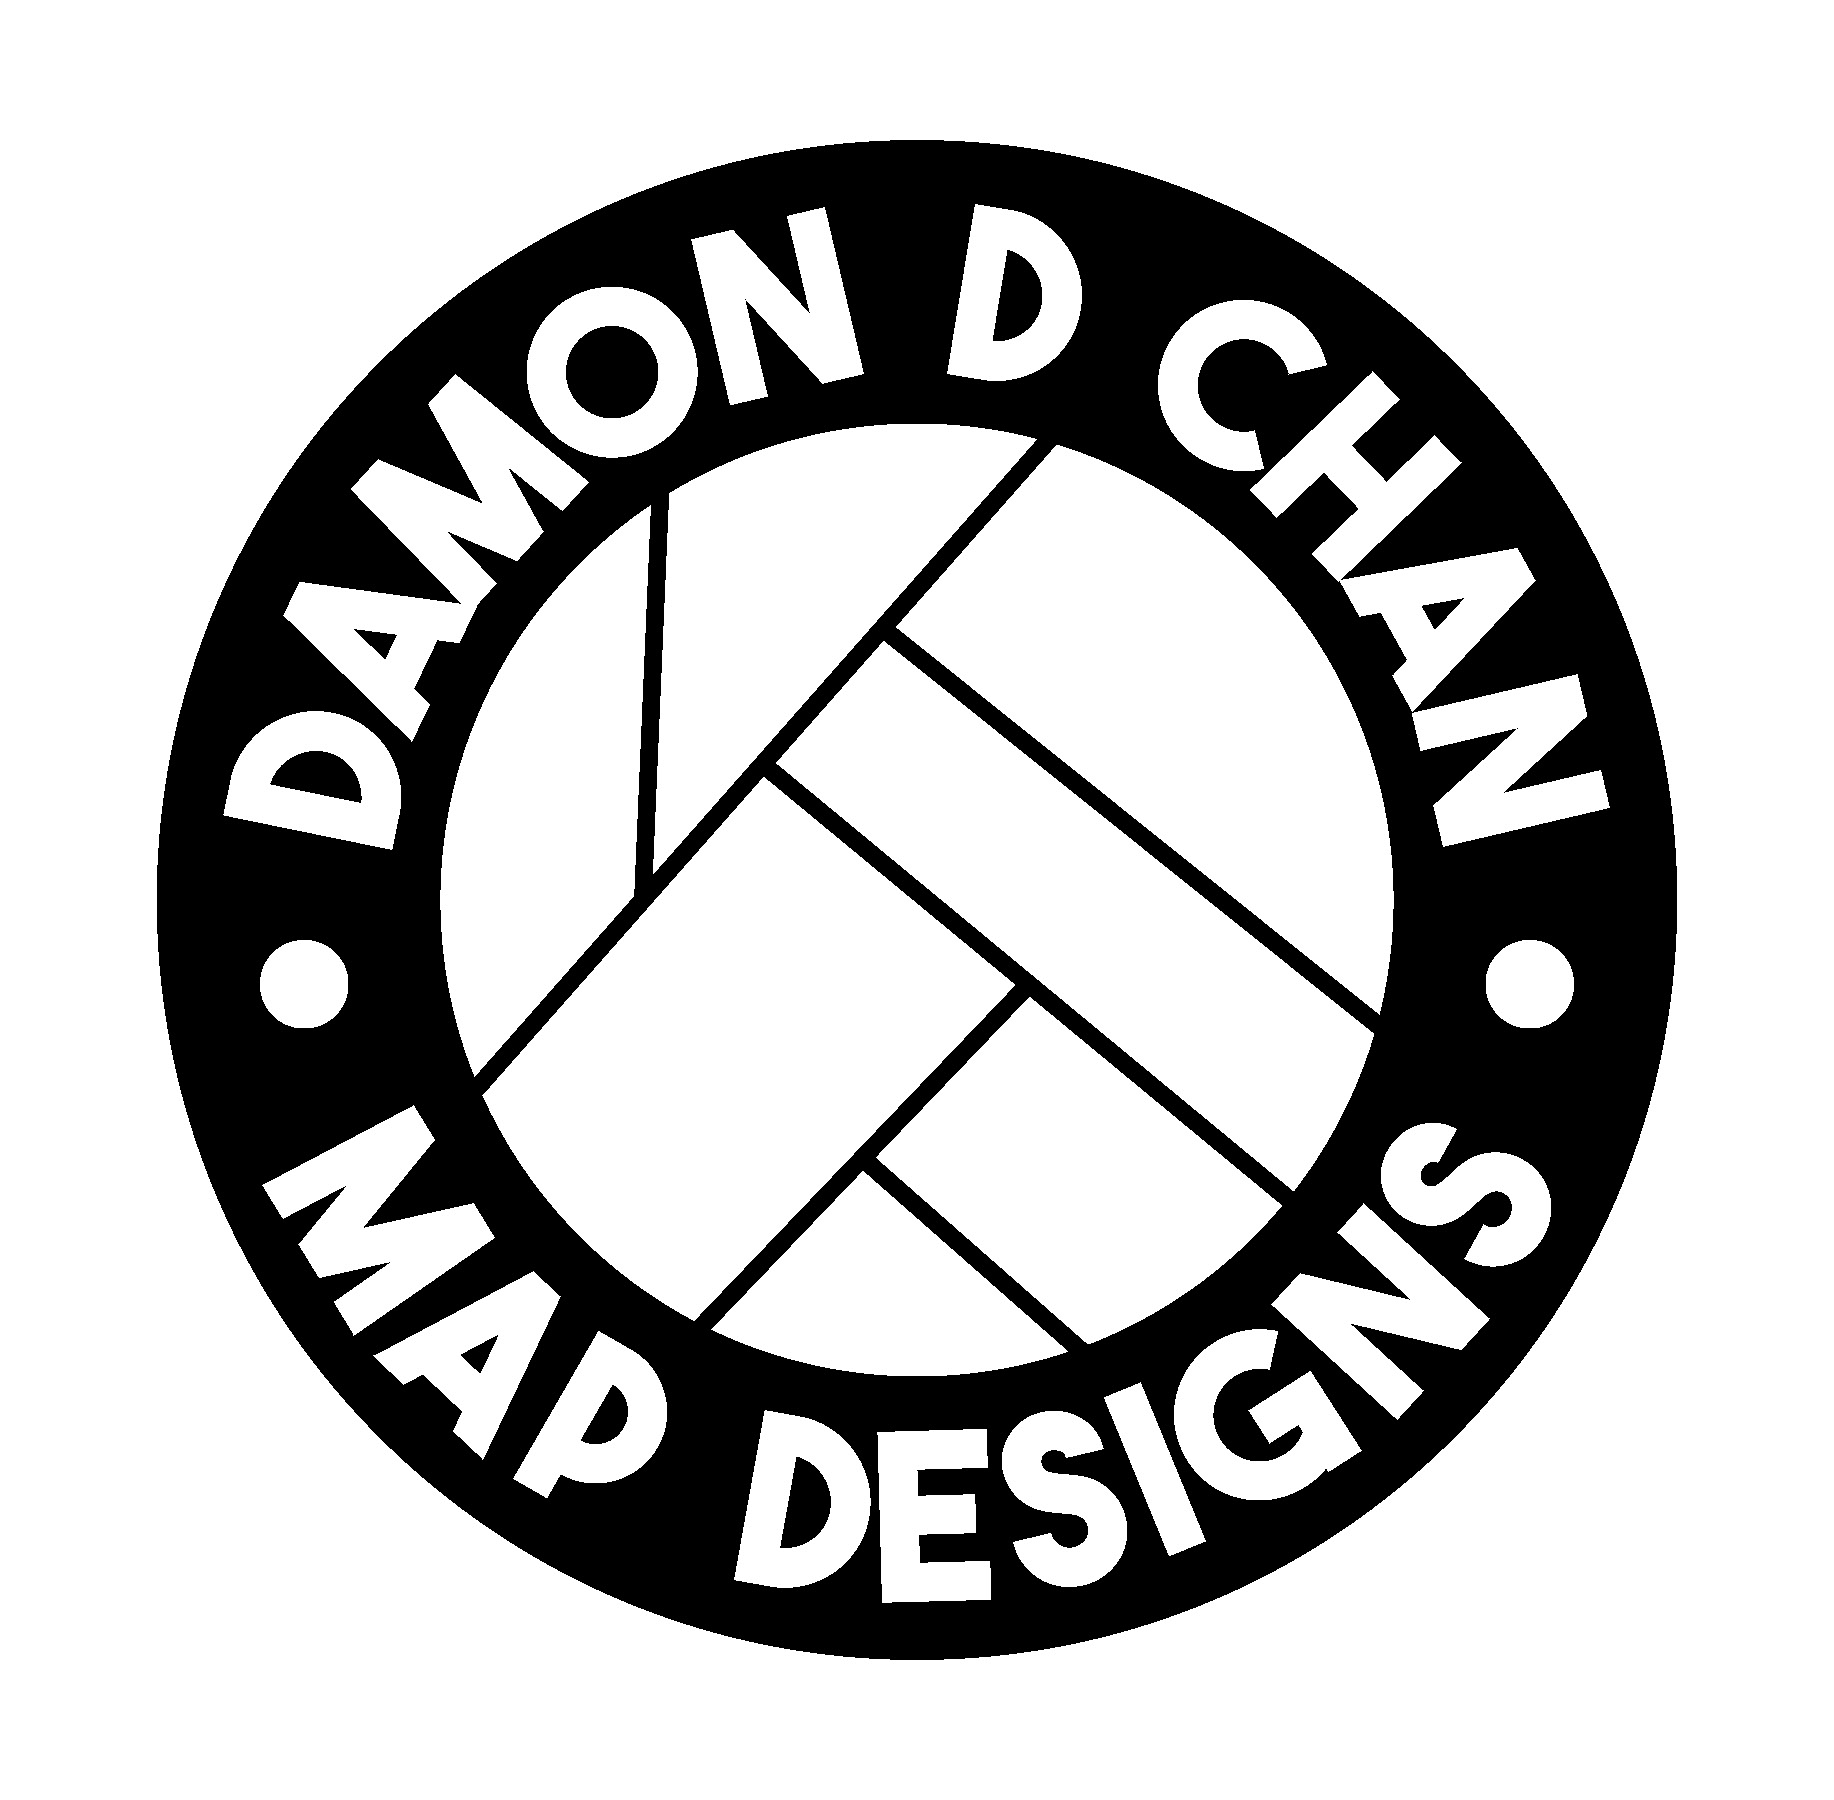 Damon D Chan Map Designs